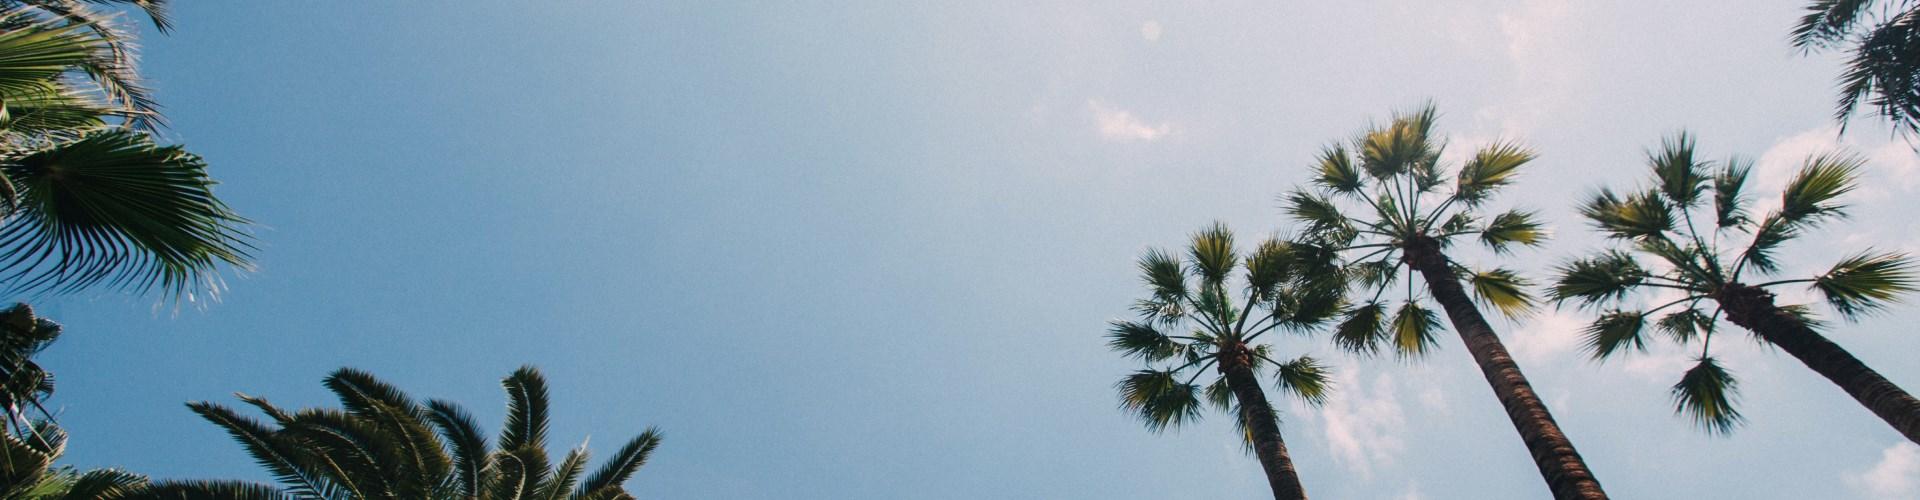 חוף התמרים עכו - חוות דעת